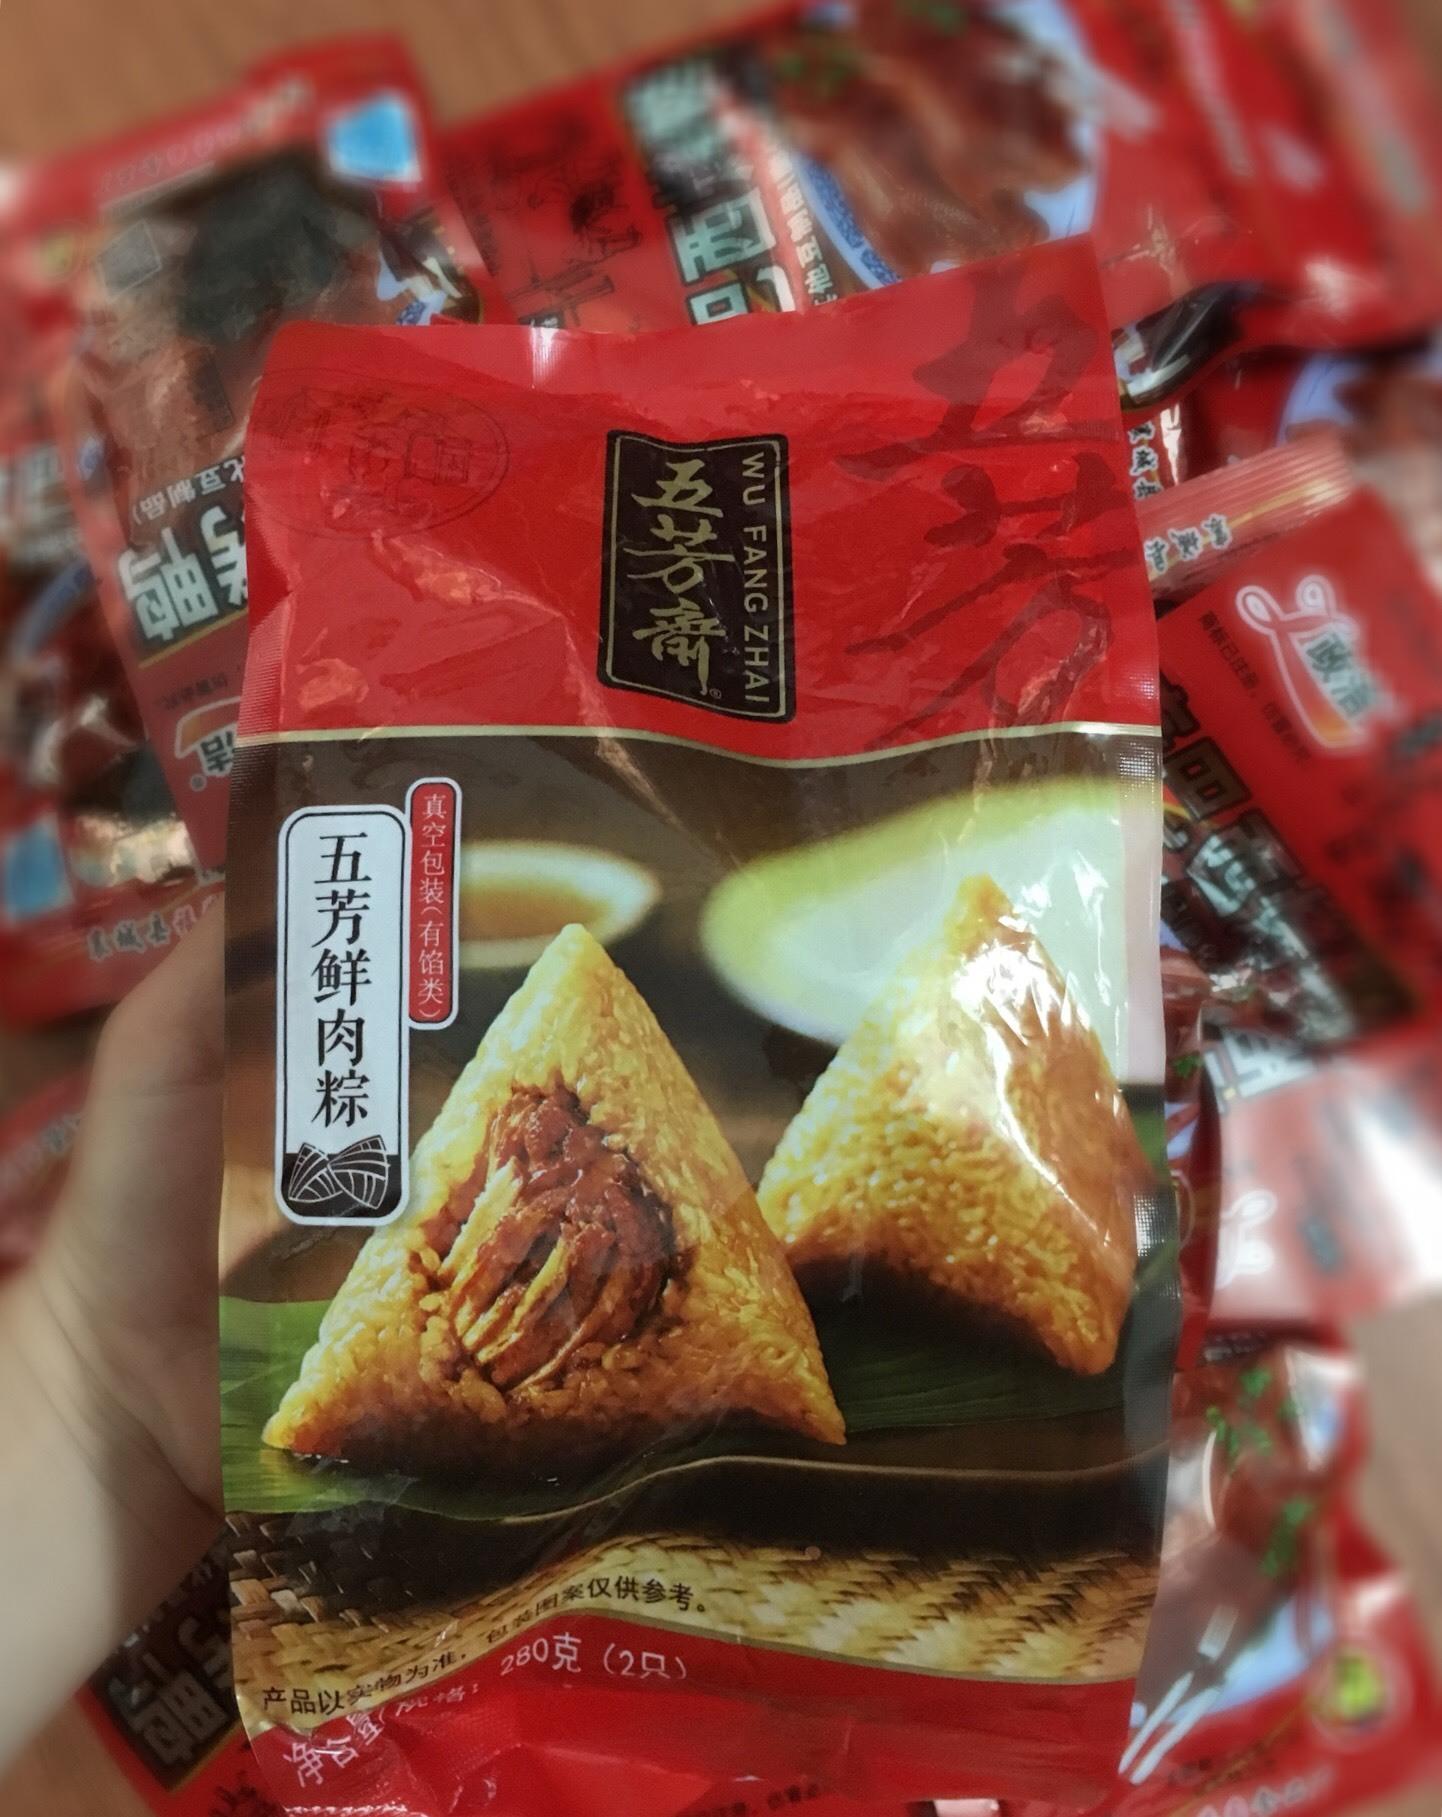 Đáng sợ, bánh chưng nội địa Trung Quốc 9 tháng không hỏng-1